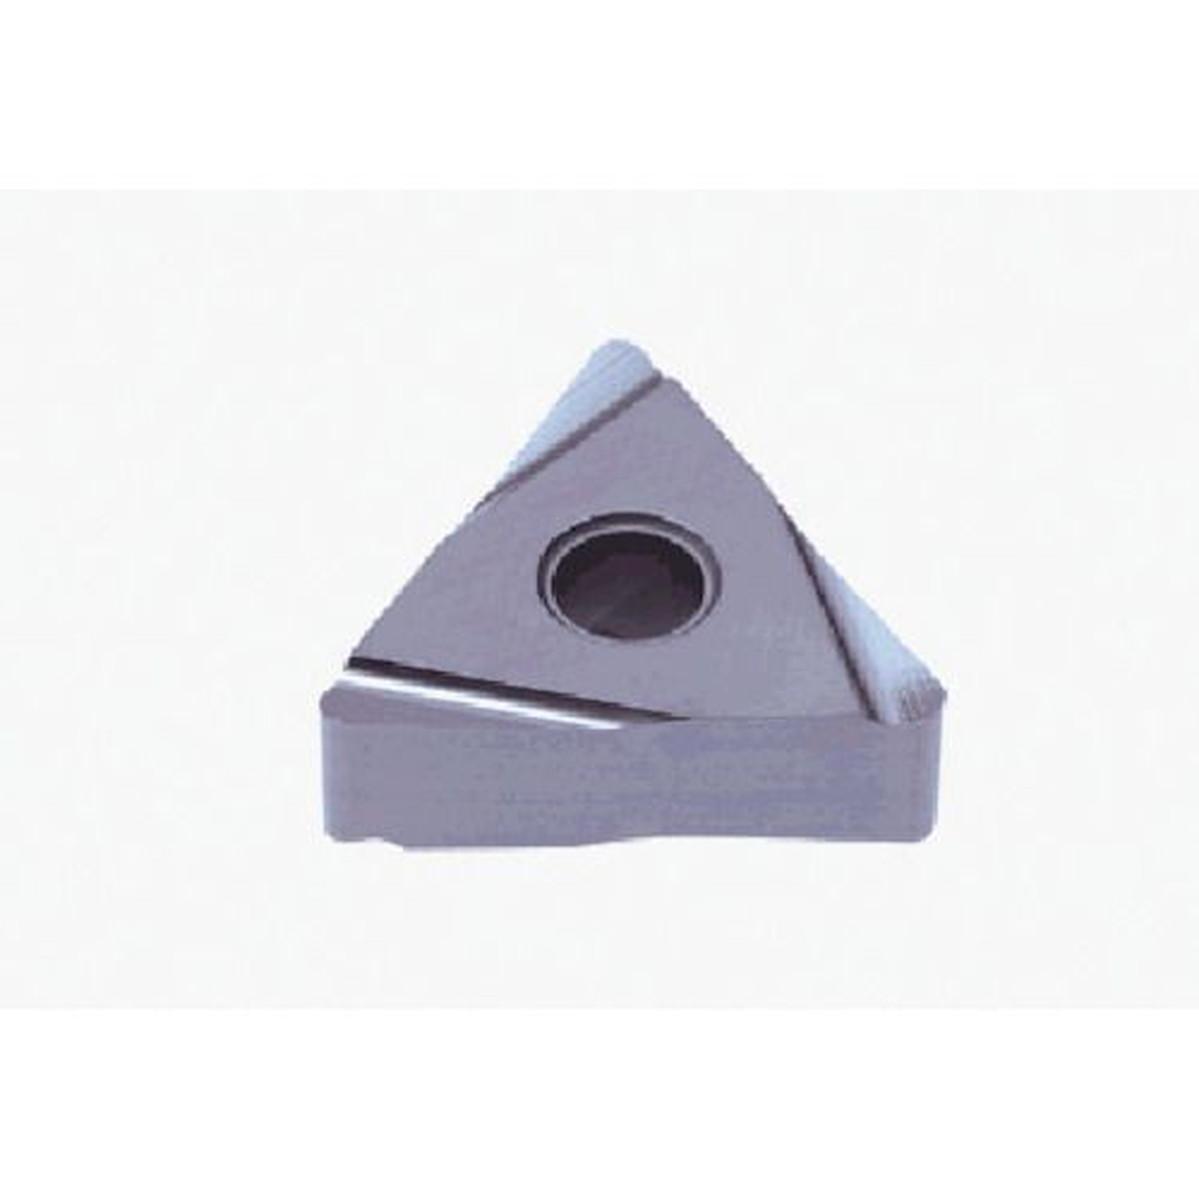 あす楽対応 DIY用品 値引き タンガロイ 旋削用G級ネガインサート 10個 定番 TNGG160408L-W NS9530